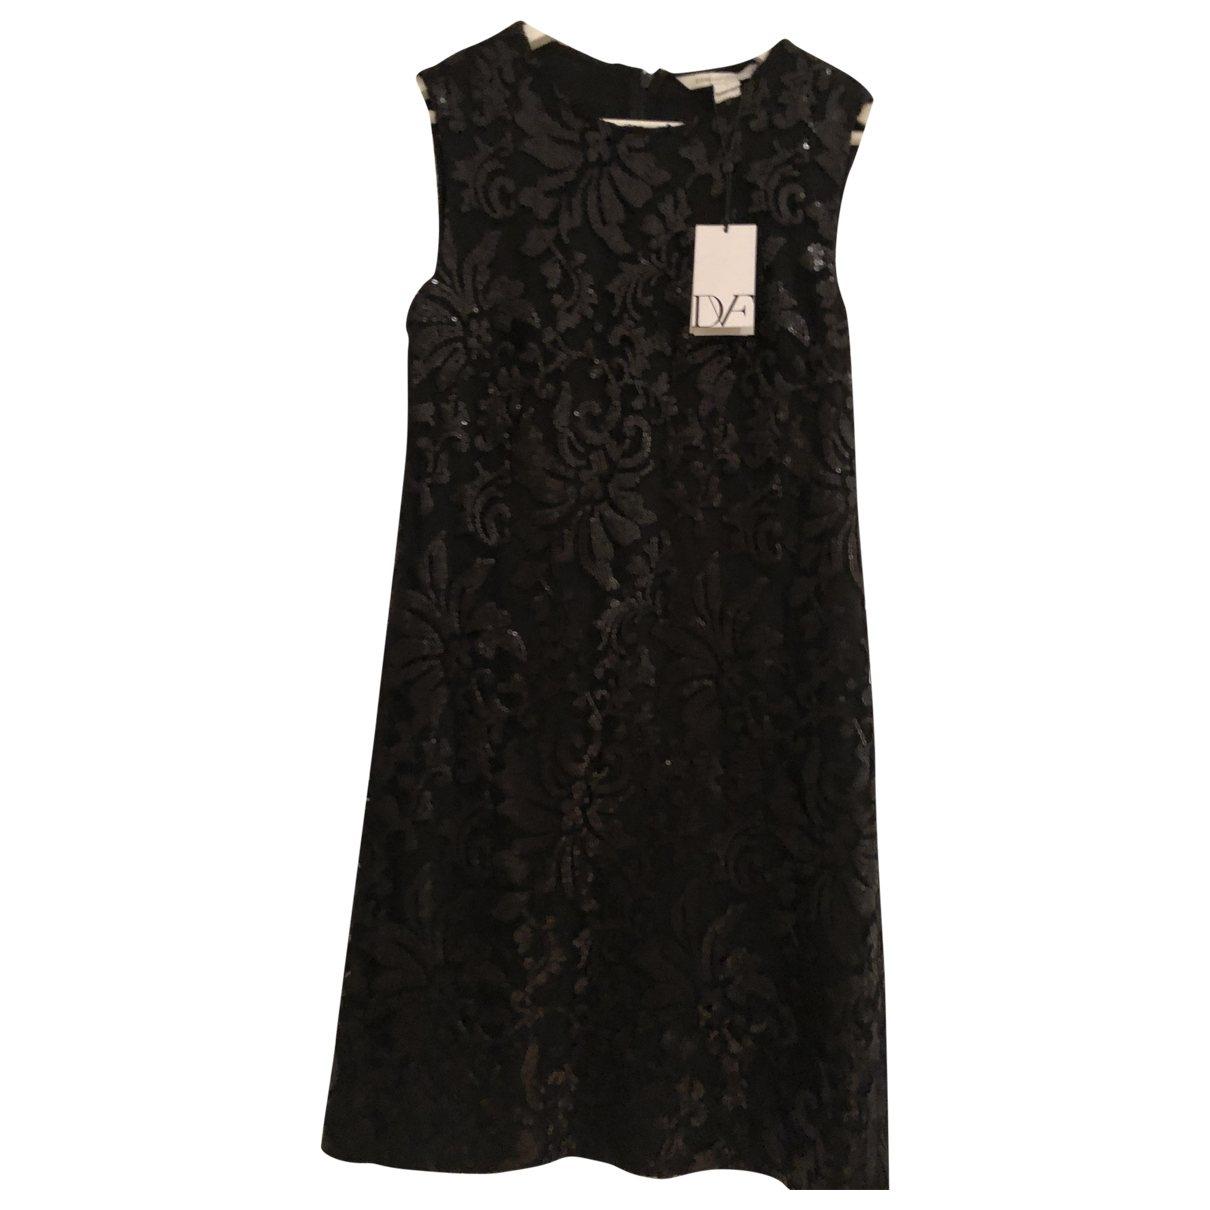 Diane Von Furstenberg \N Black Glitter dress for Women 4 US